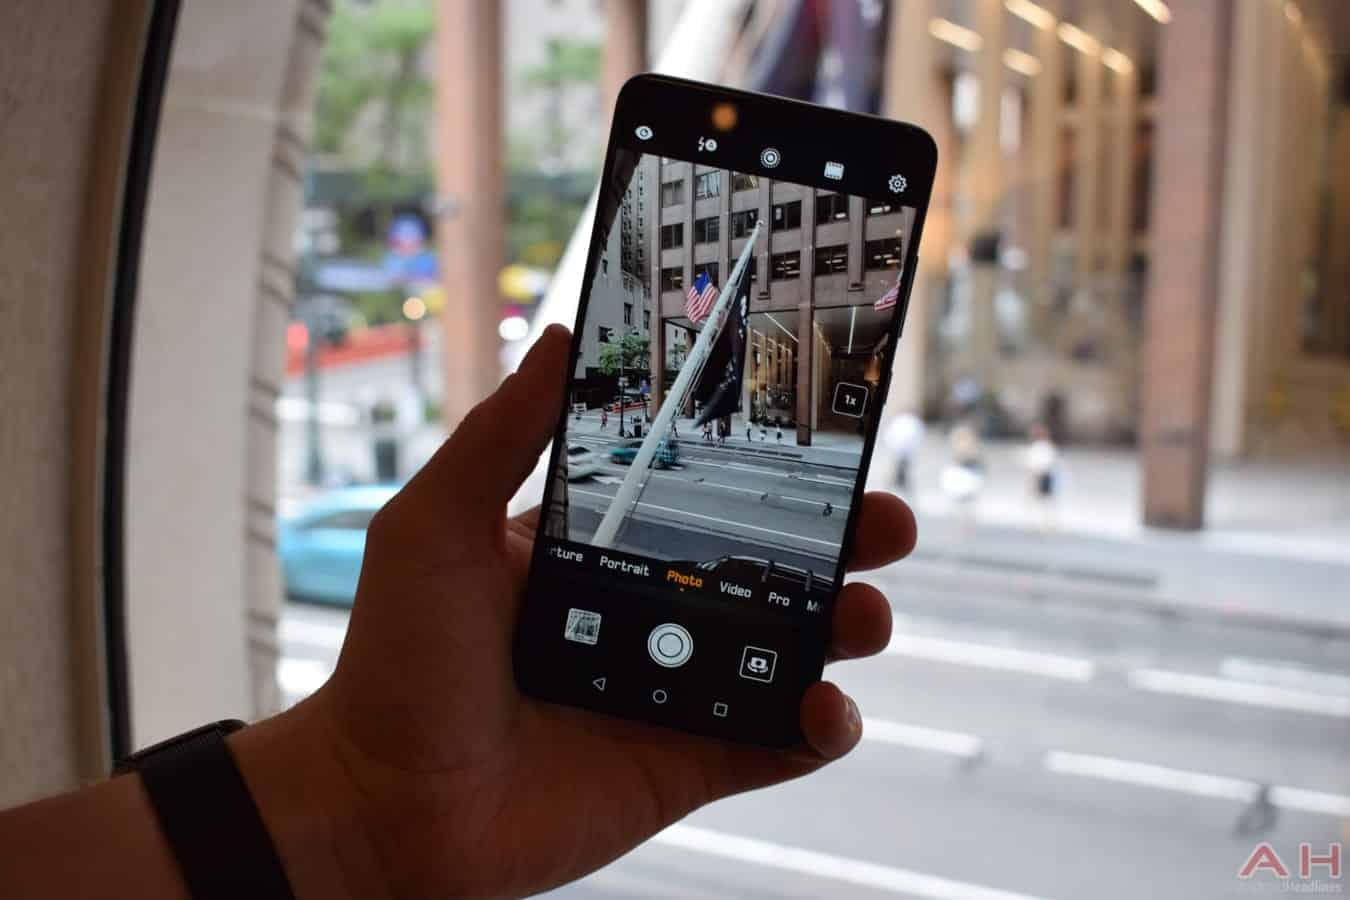 Huawei Mate 20 AM AH 16